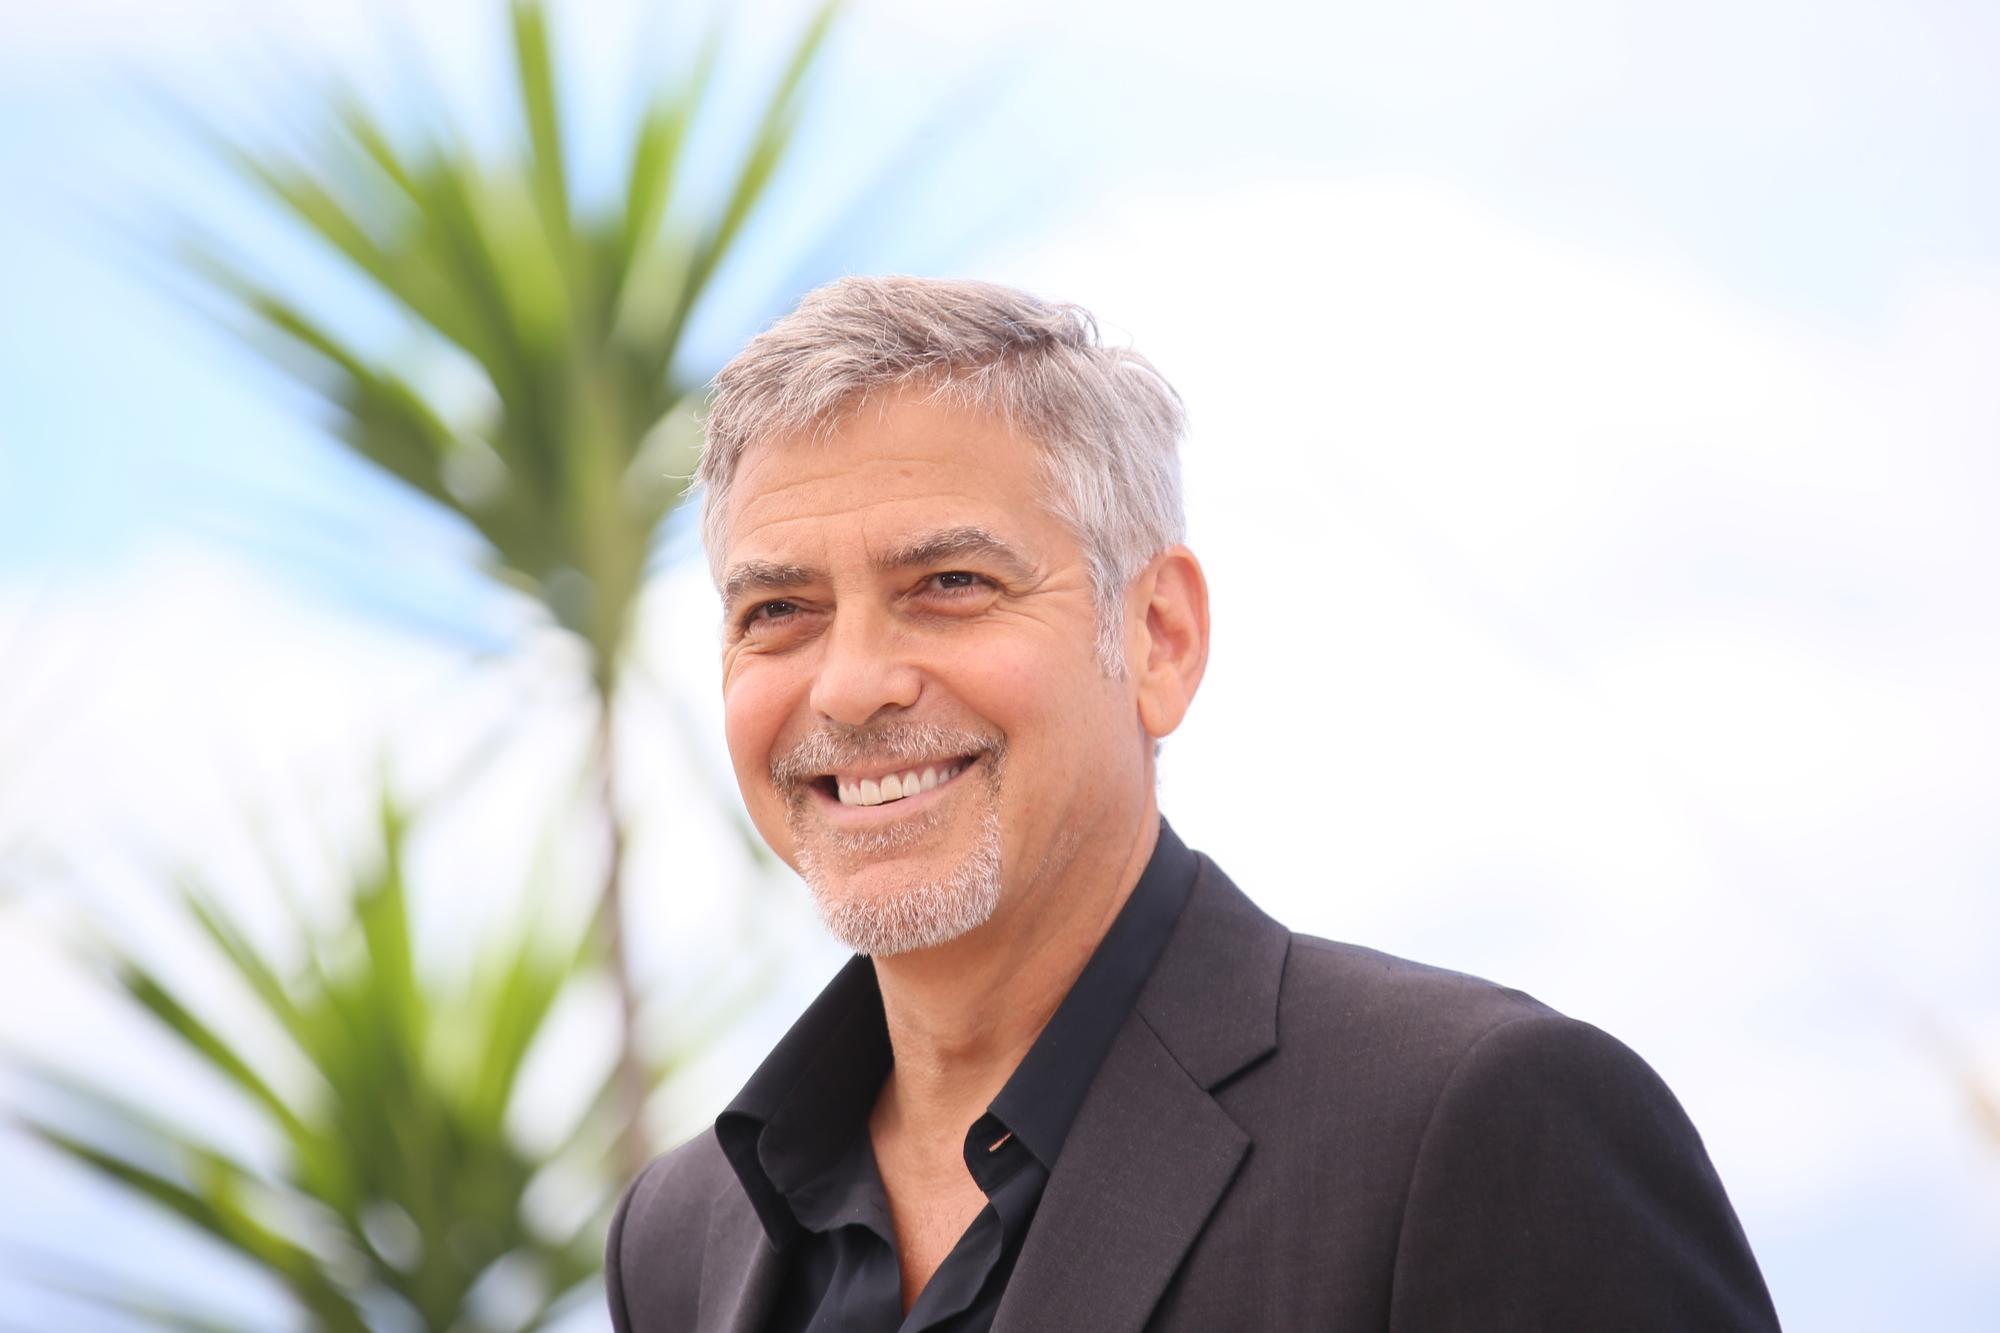 Джордж Клуни рассказал про свой новый фильм «Полночное небо»